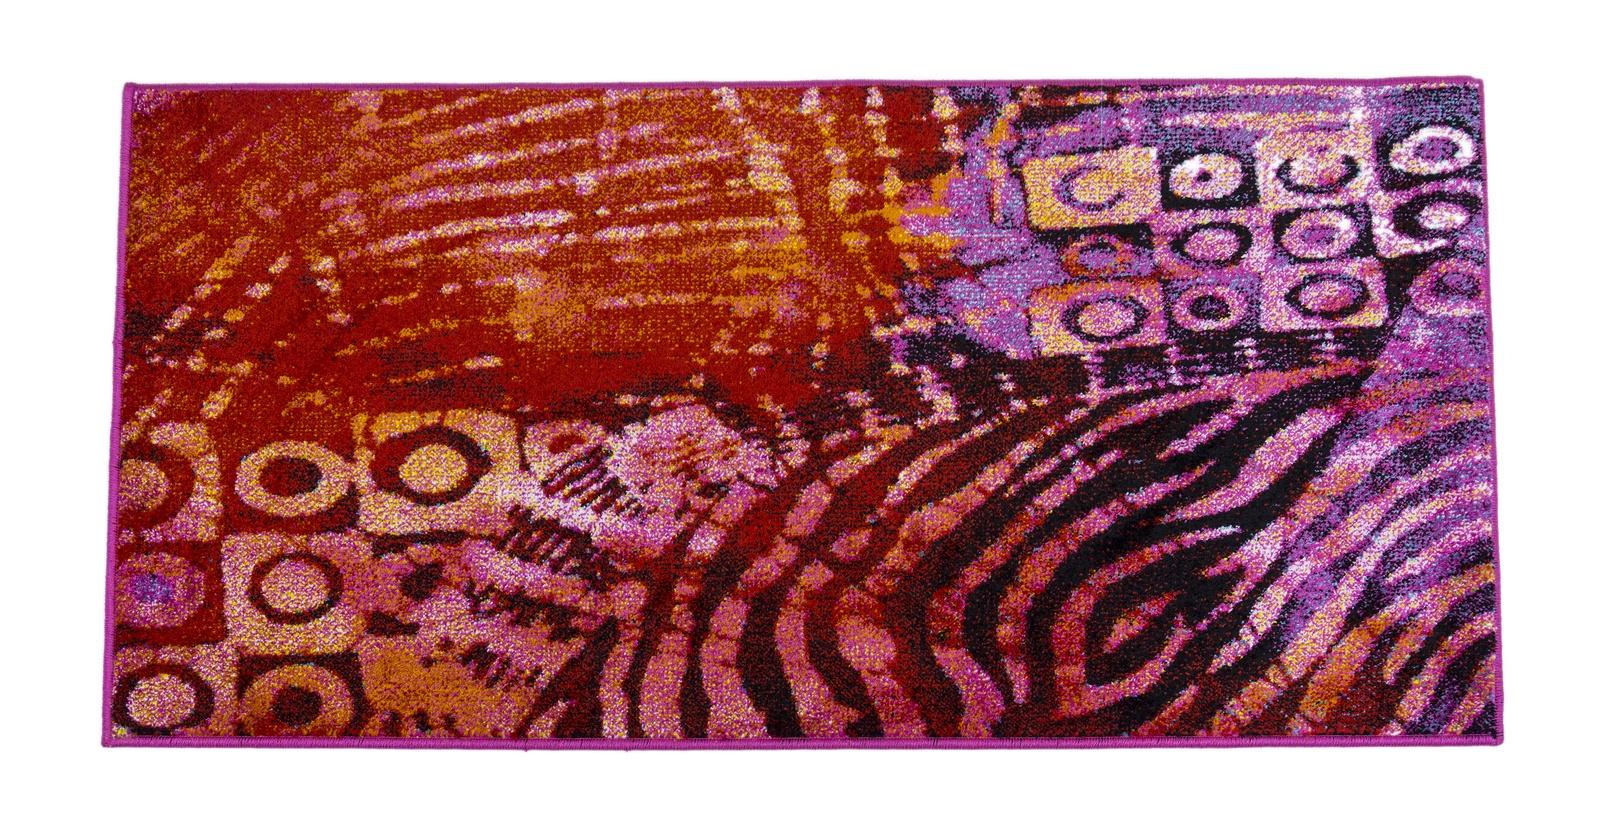 Ковер MADONNA 1,2х1,8 м /прямоугольник, красный, сиреневый